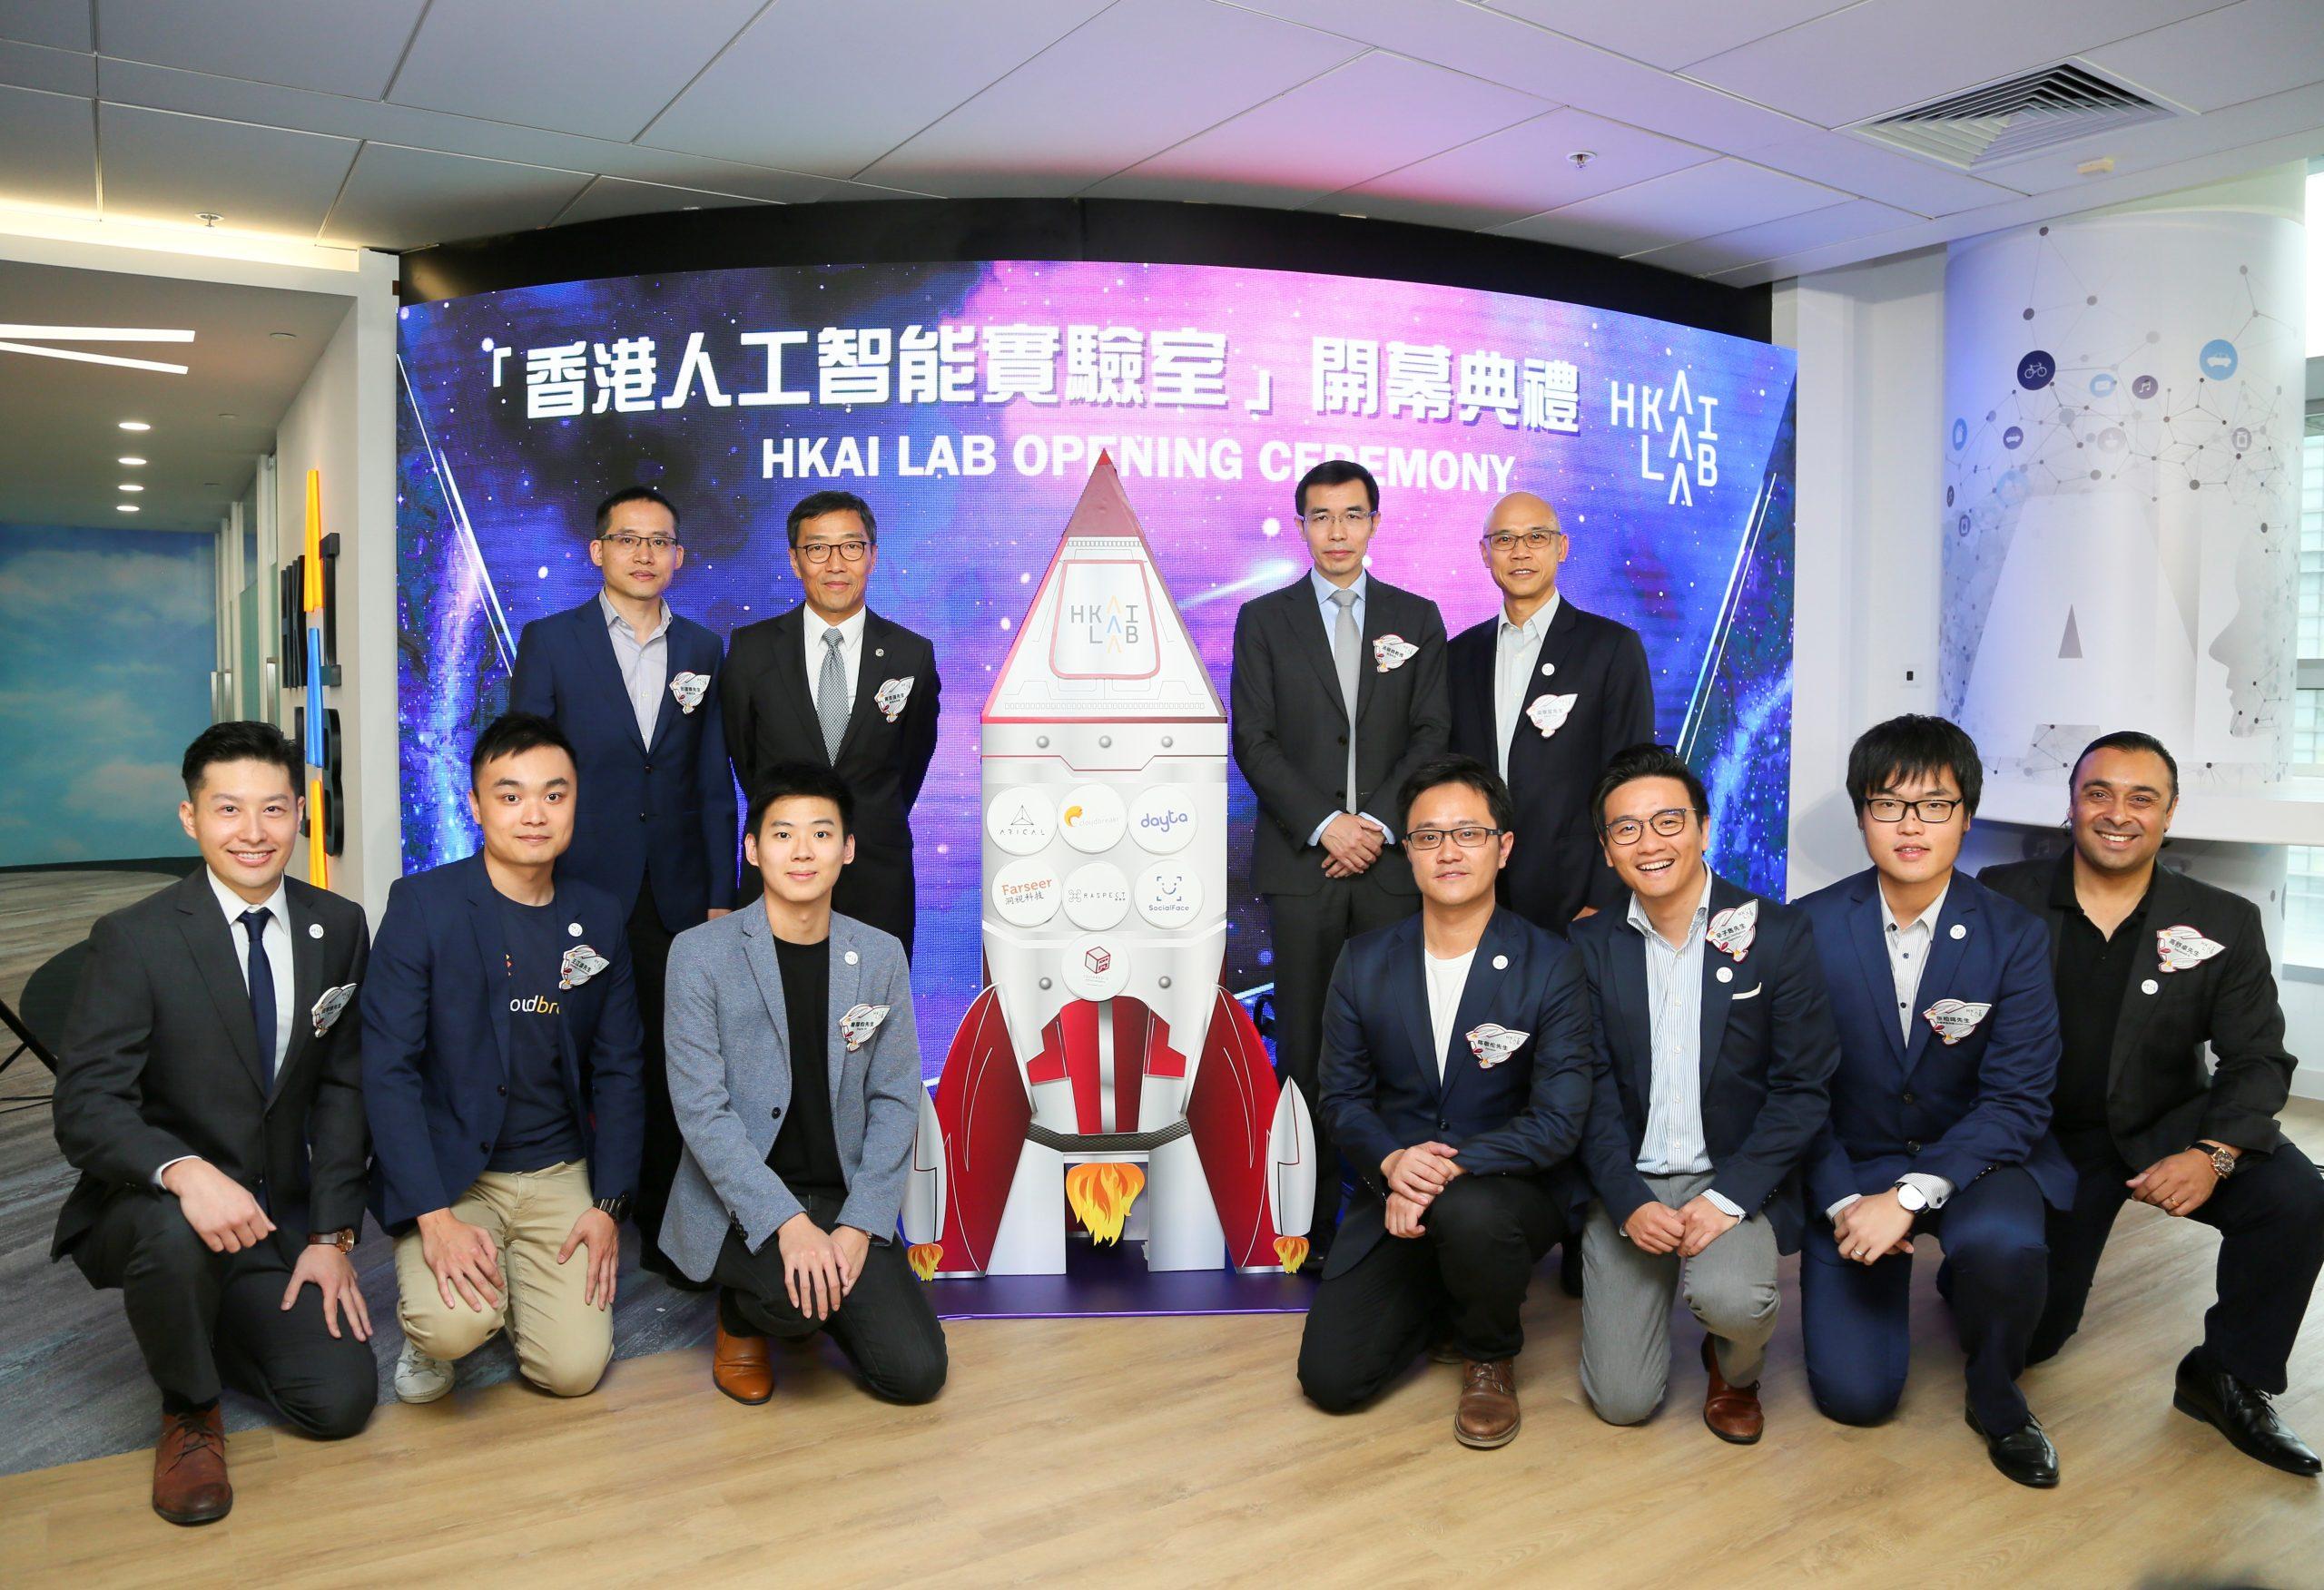 阿里巴巴 x 商湯 x 香港科技園攜手合作!HKAI Lab 正式成立七初創率先進駐